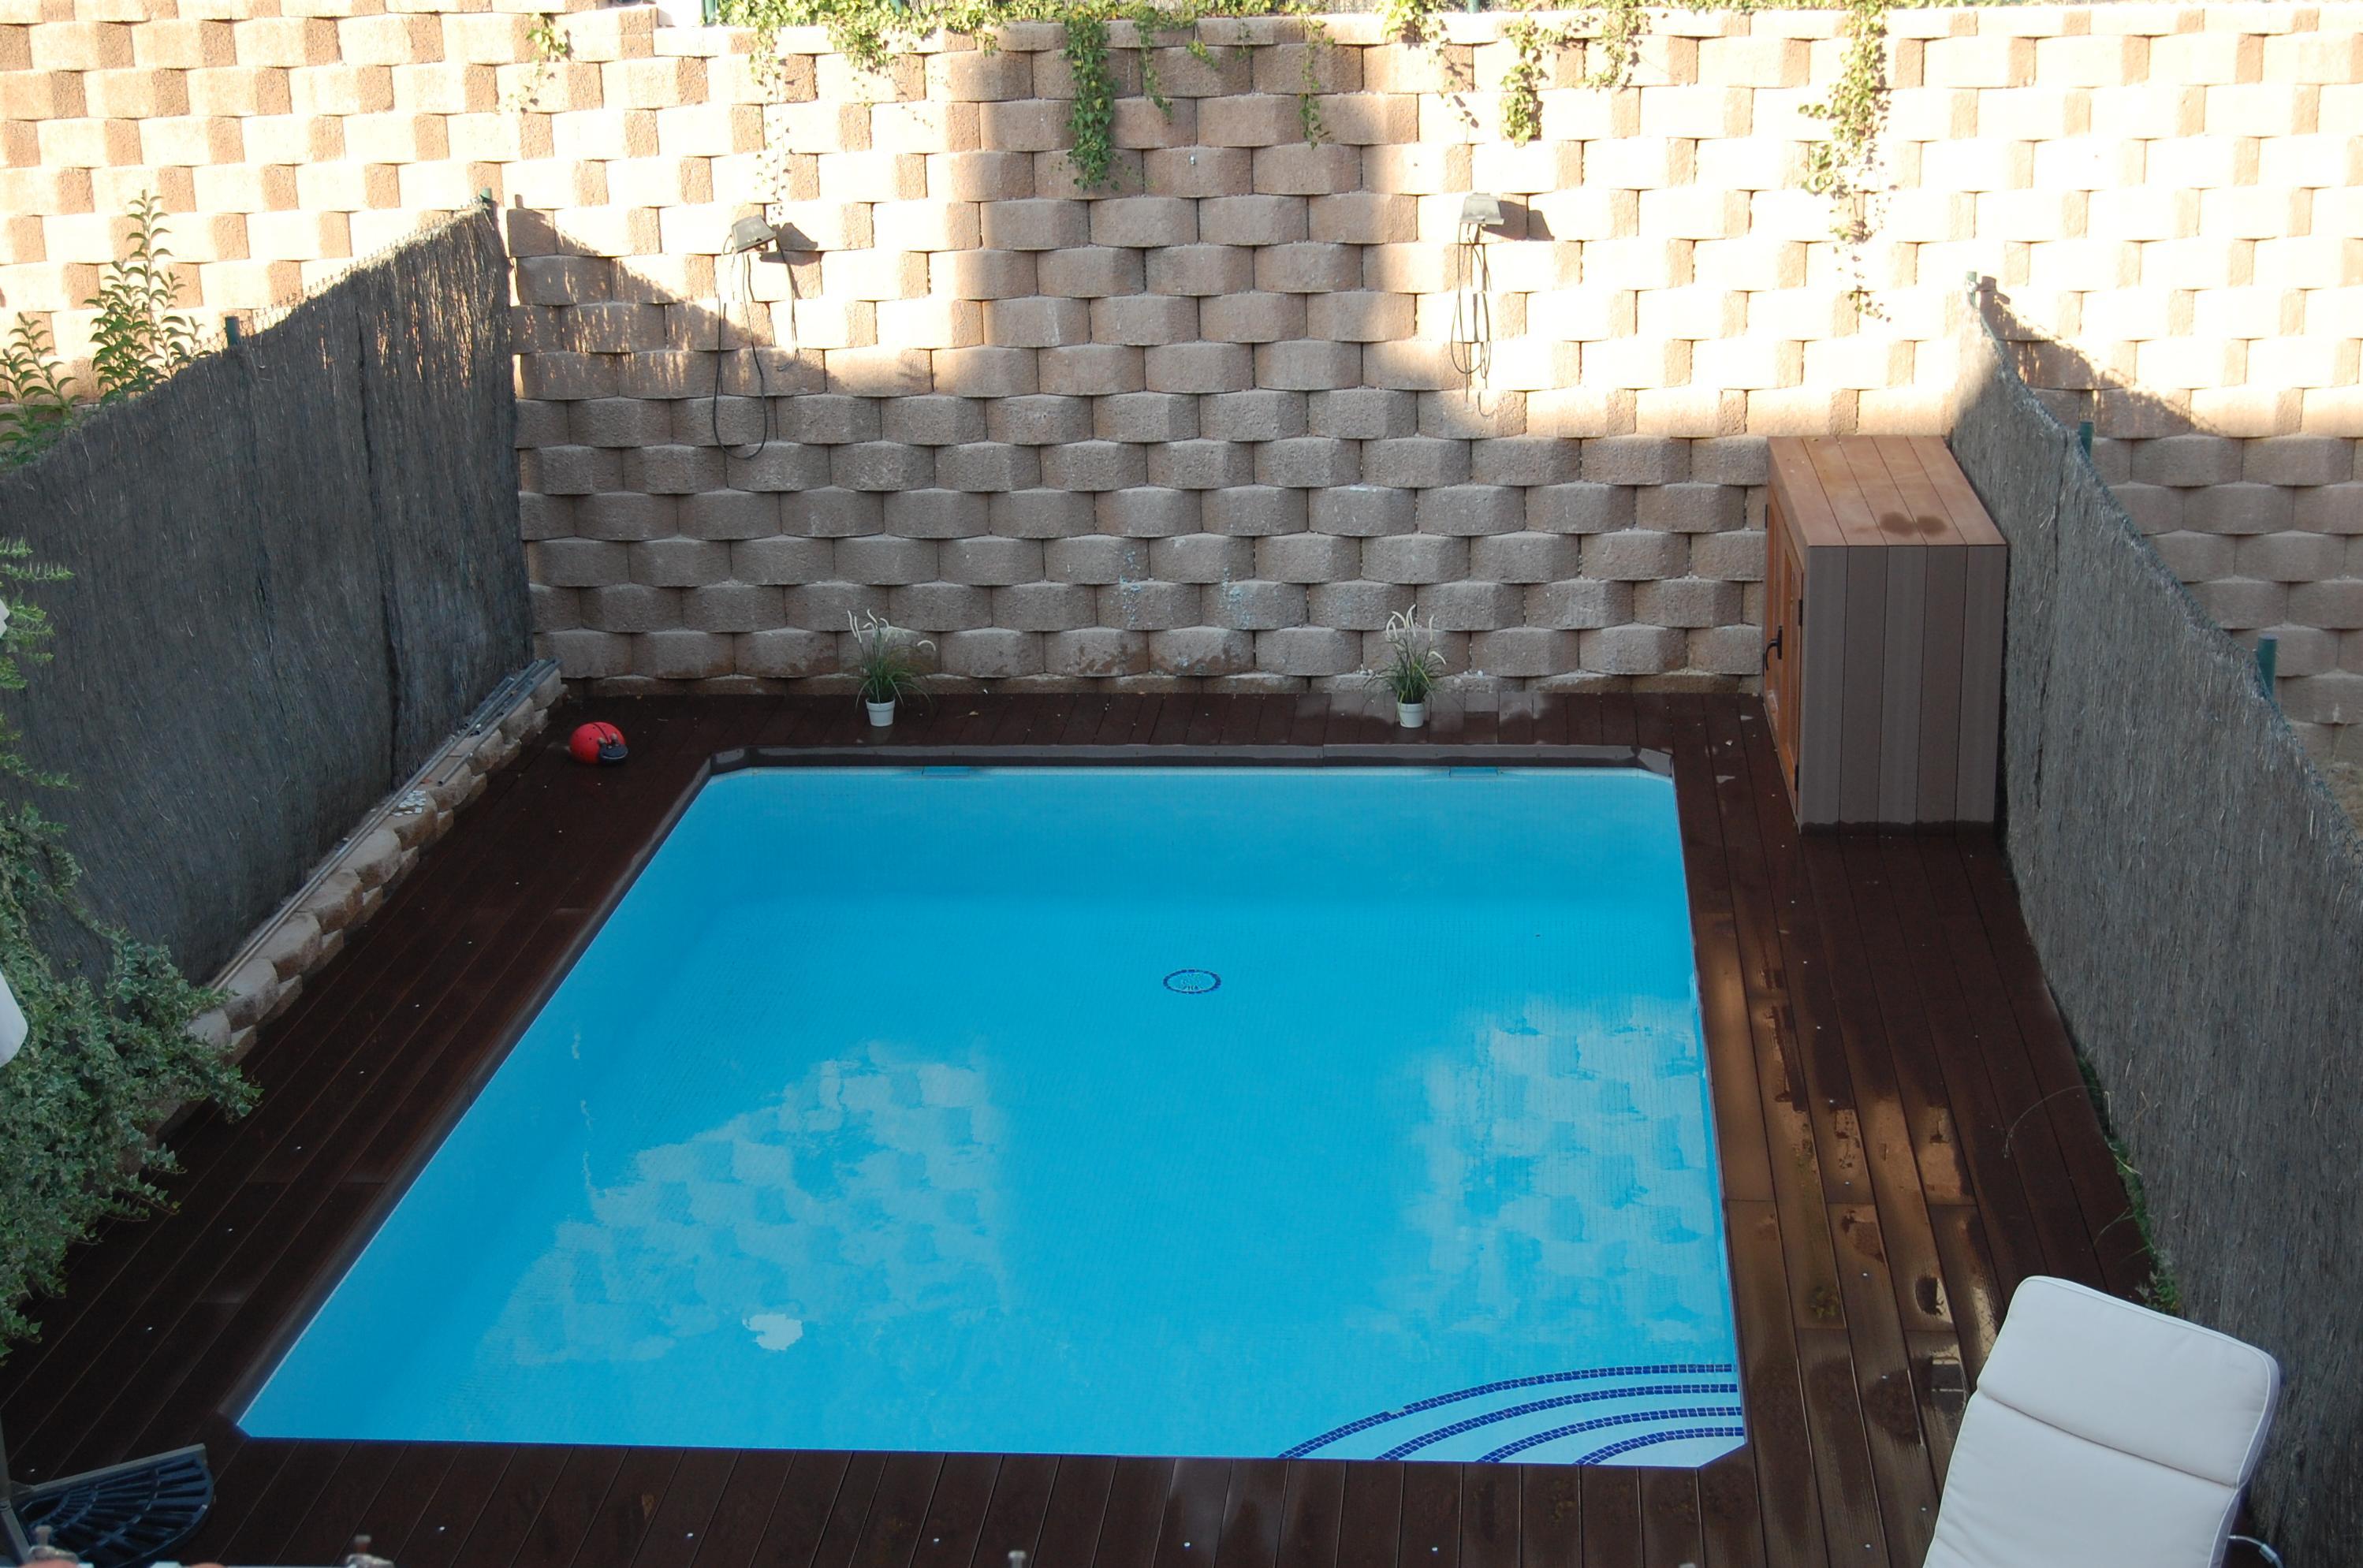 Piscinas de obra piscinas y accesorios de ardigral - Gresite para piscinas precios ...